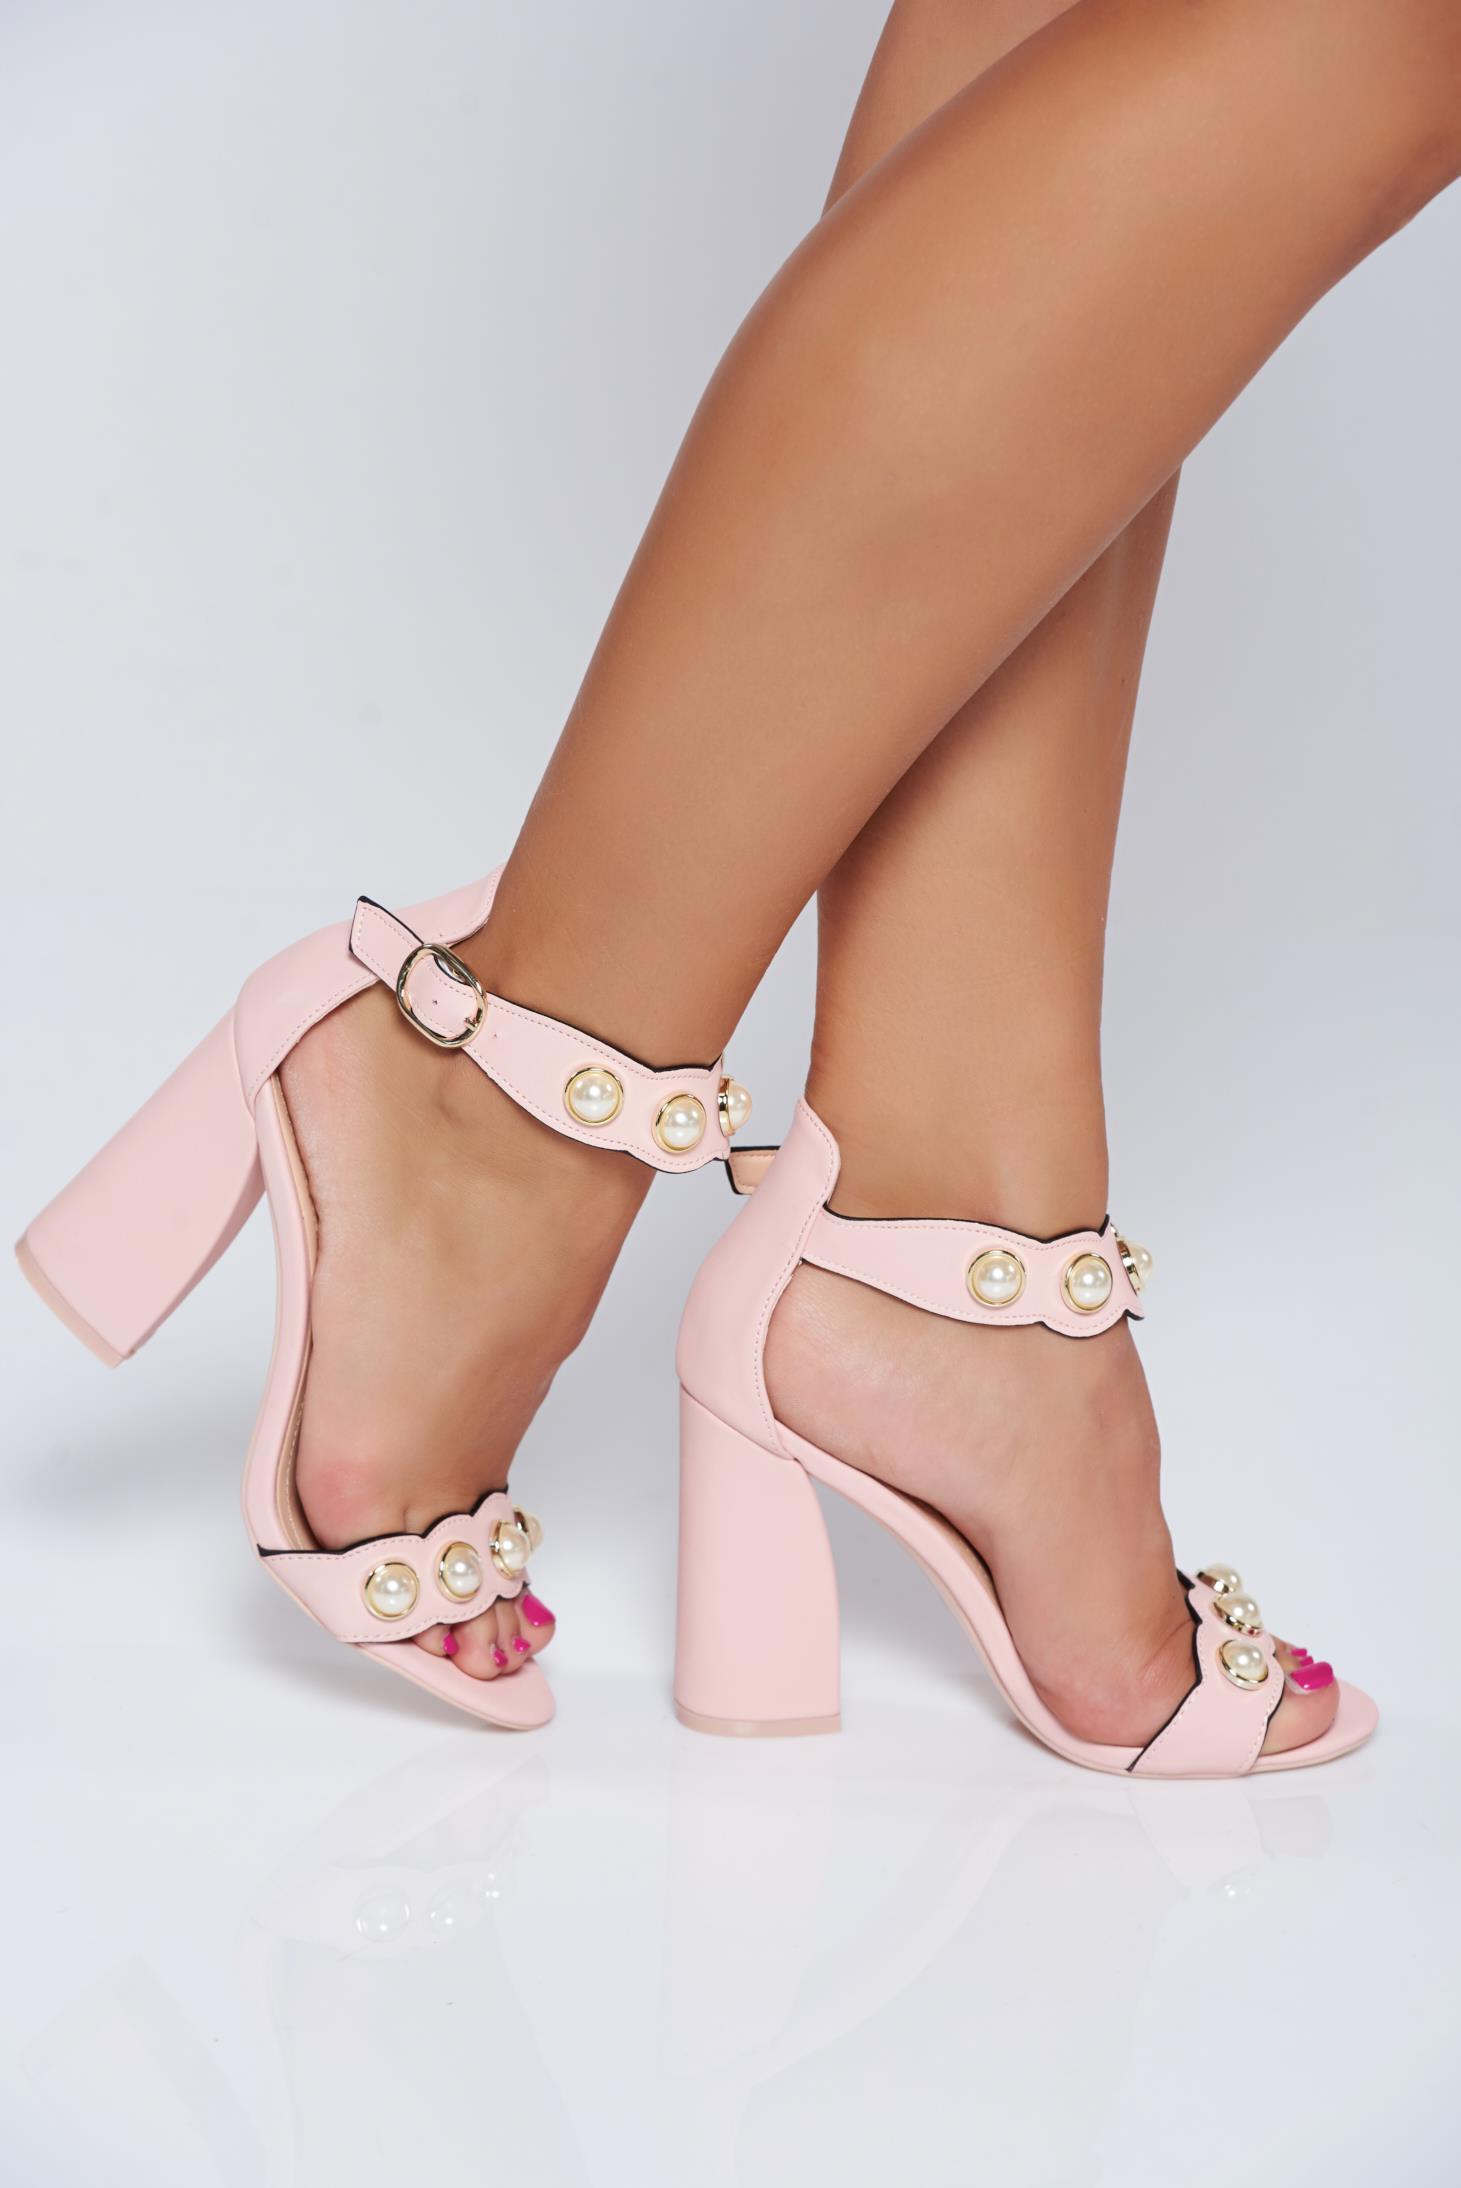 Perle Elegante Cu Patrat Sandale Aplicatii Roz Toc 2E9DHI